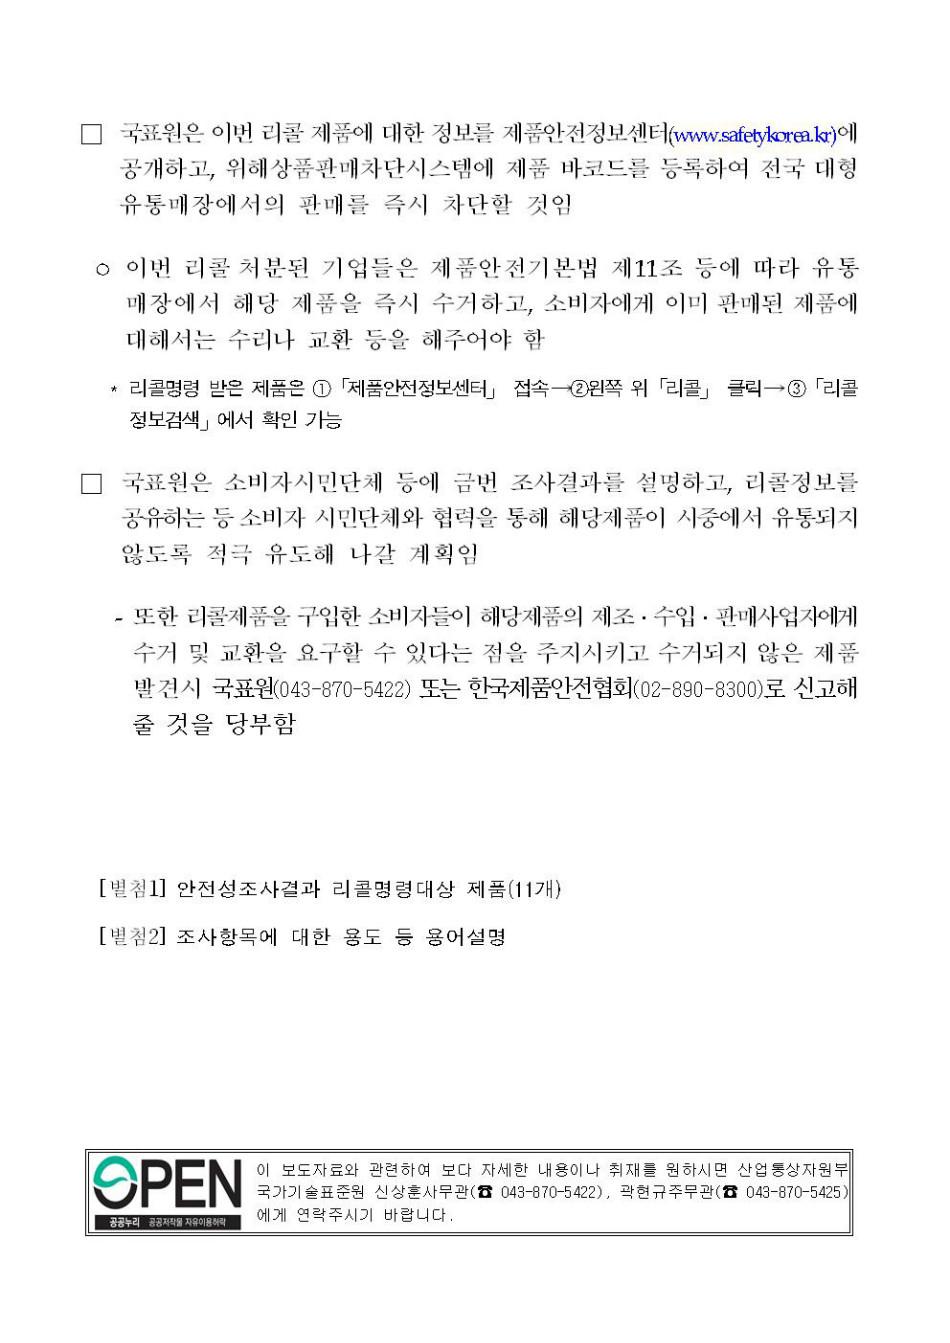 150916 신학기 학생용품, 고령자용보행차_보도자료_16일 조간_수정002.jpg